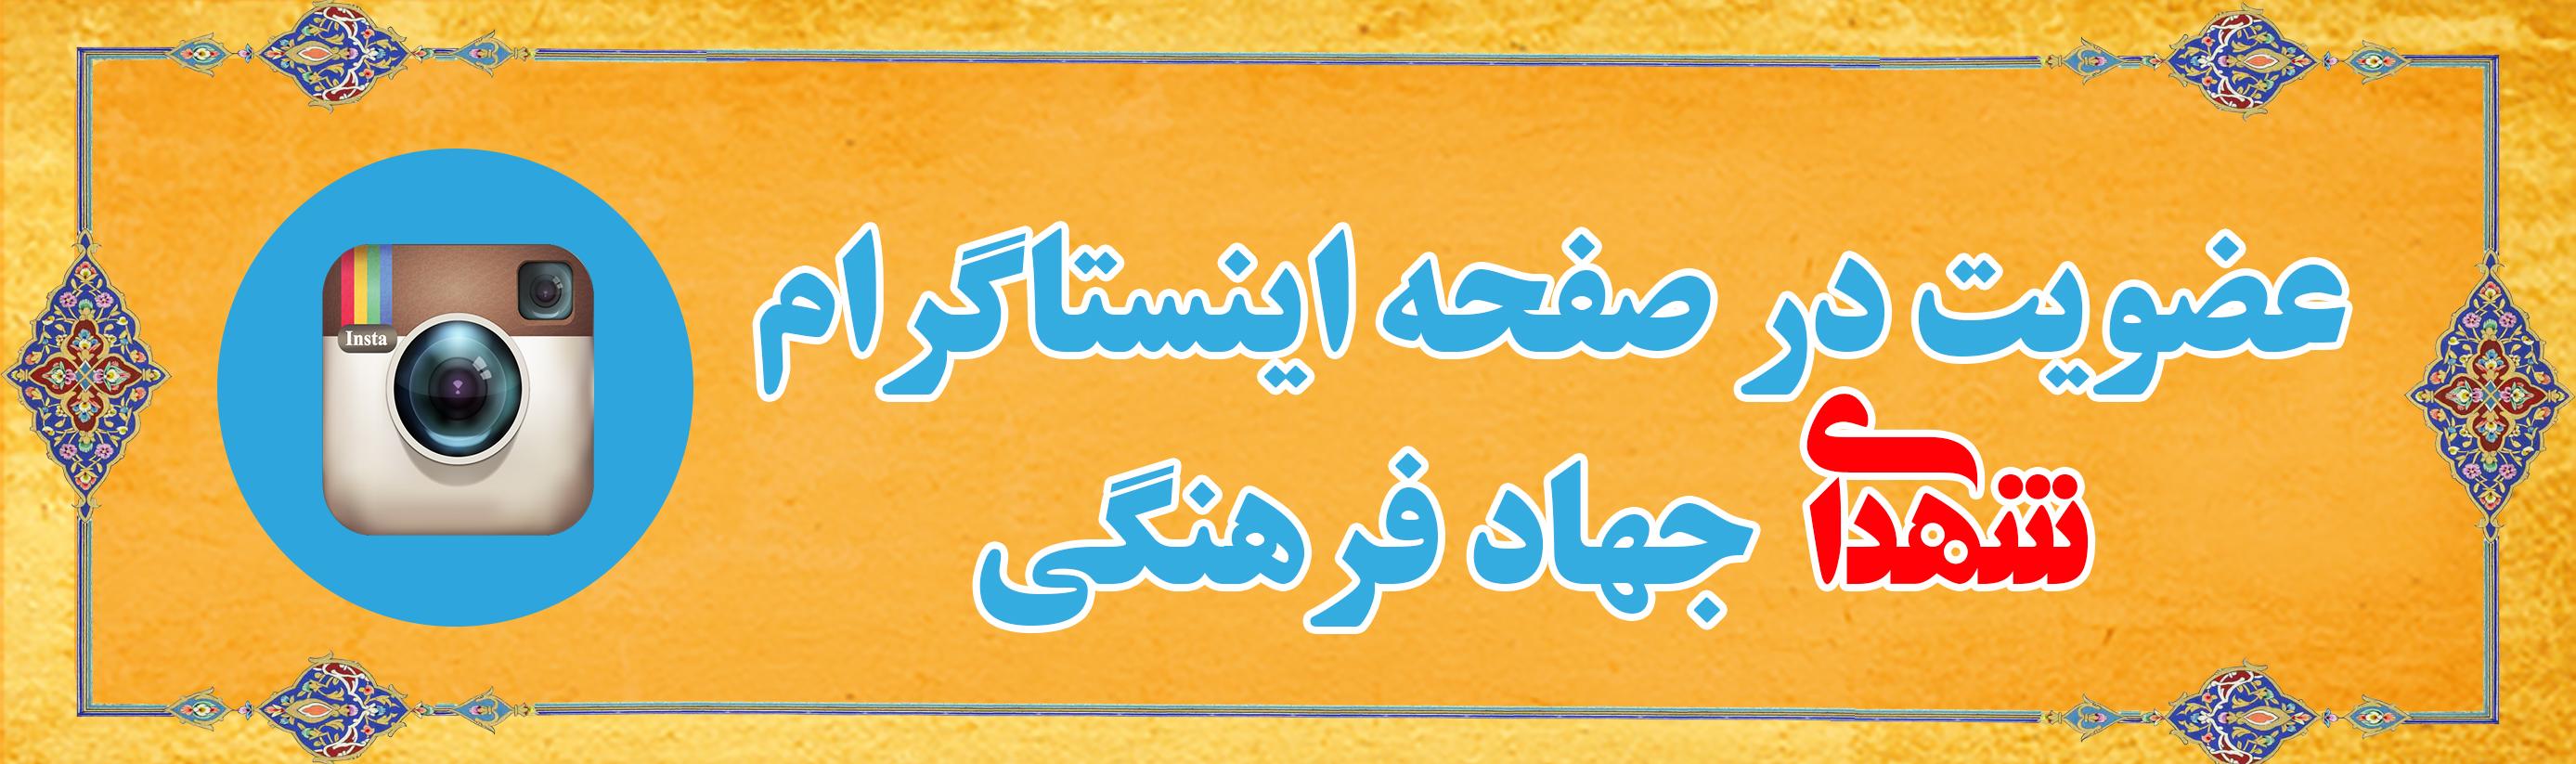 عضویت در صفحه اینستاگرام شهدای   جهاد فرهنگی